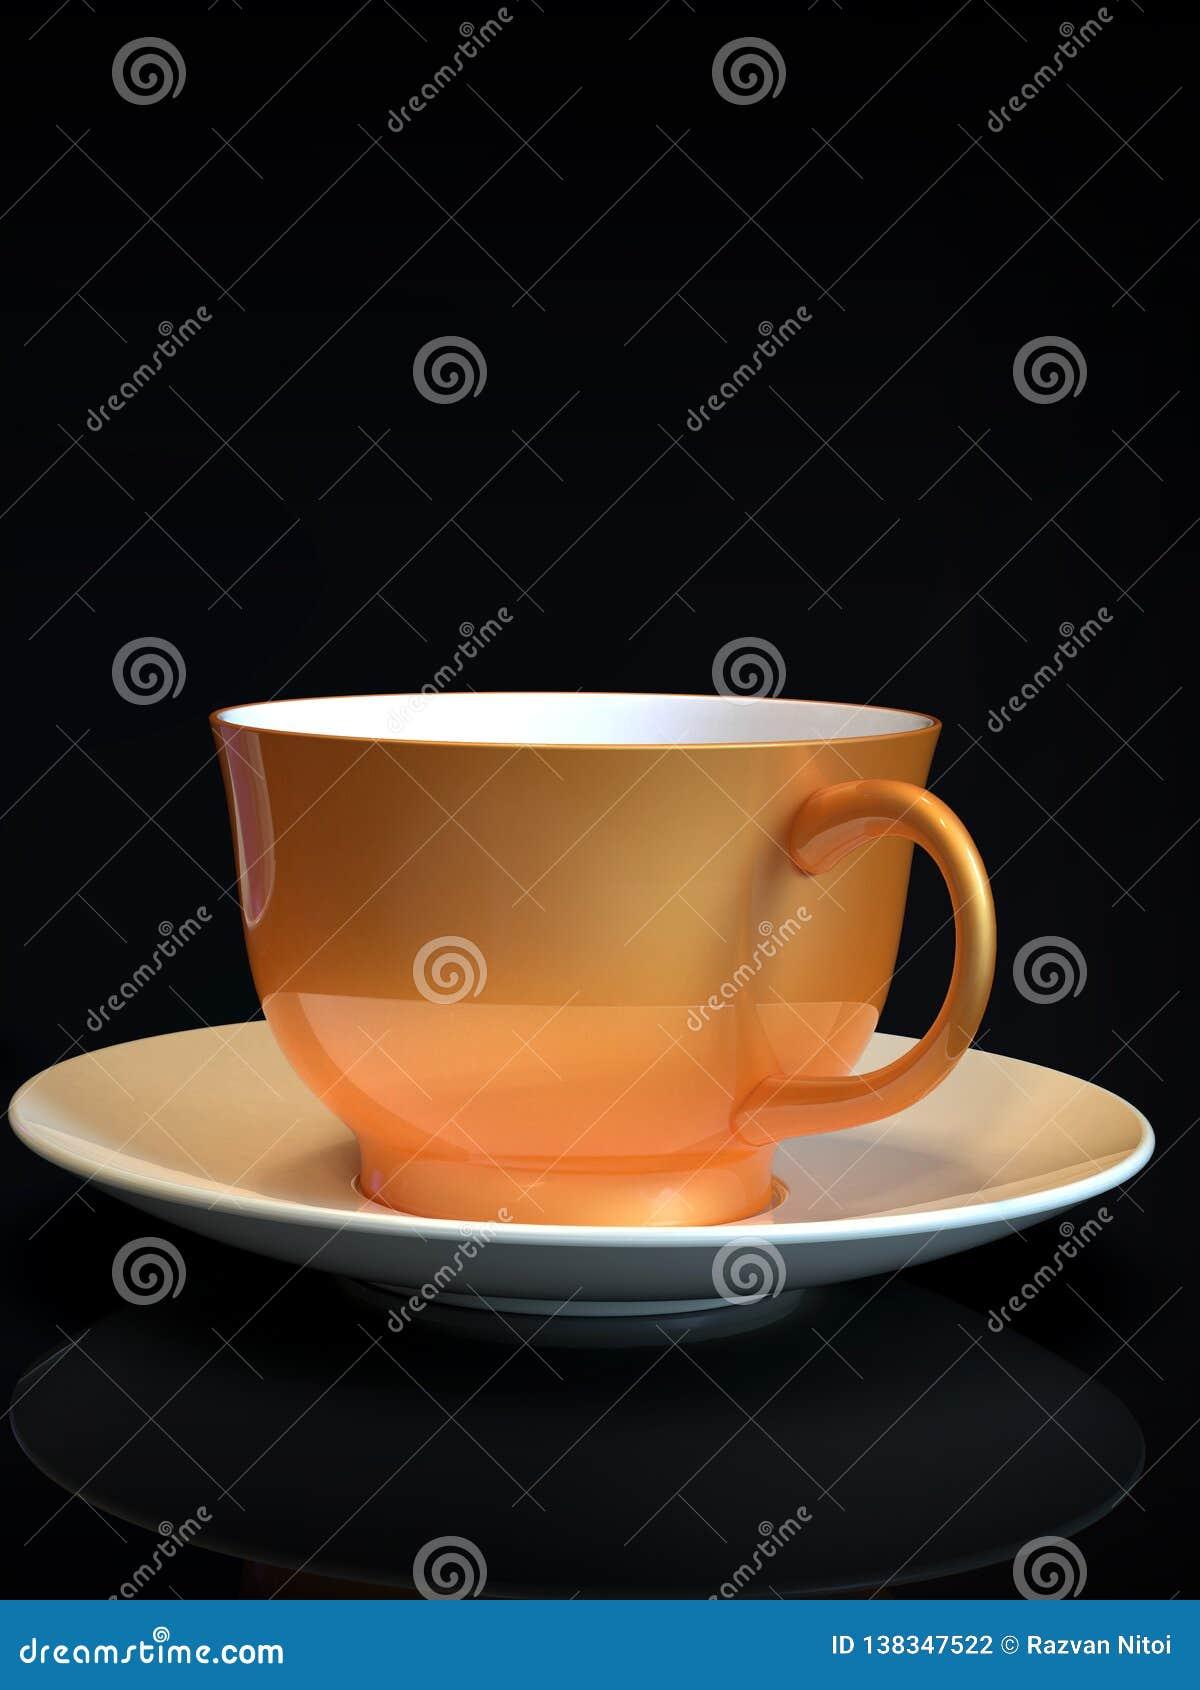 Jeden filiżanka, pomarańczowy ceramiczny, na czarnym tle